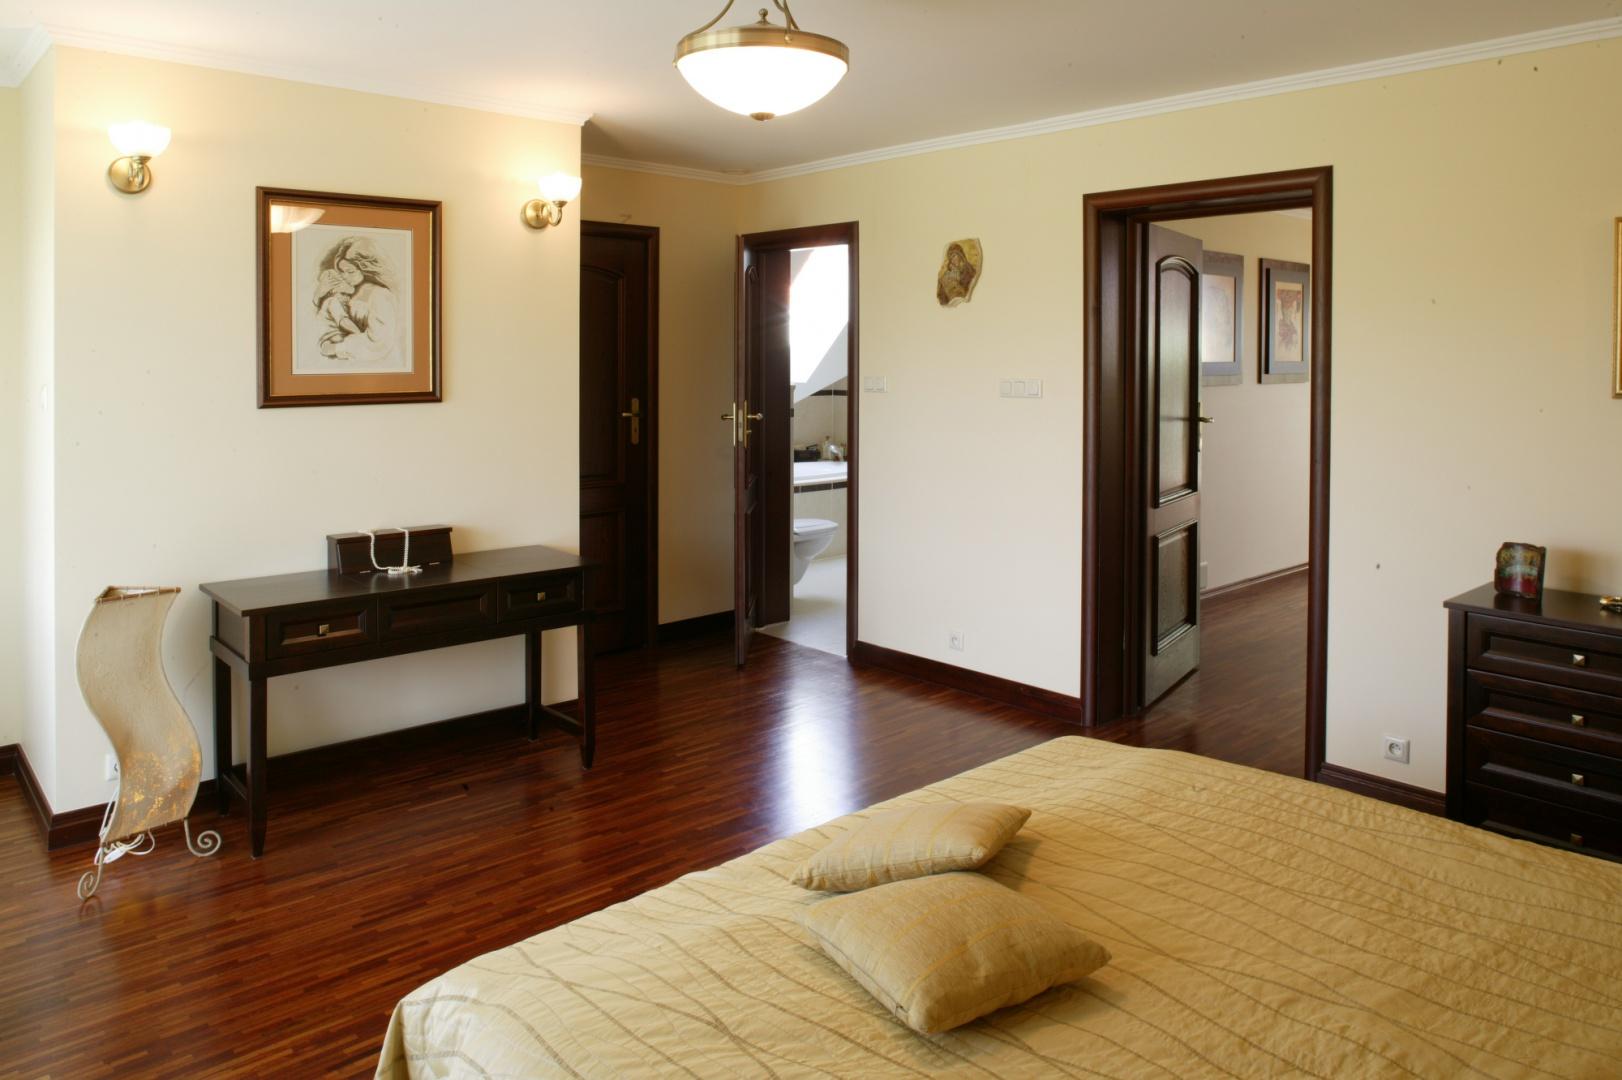 Sypialnia, podobnie jak cały hol na piętrze, wyłożona została przemysłowym parkietem merbau w drobne paski. Z pomieszczenia prowadzi troje drzwi: na korytarz, do prywatnej łazienki oraz do garderoby. Fot. Monika Filipiuk.